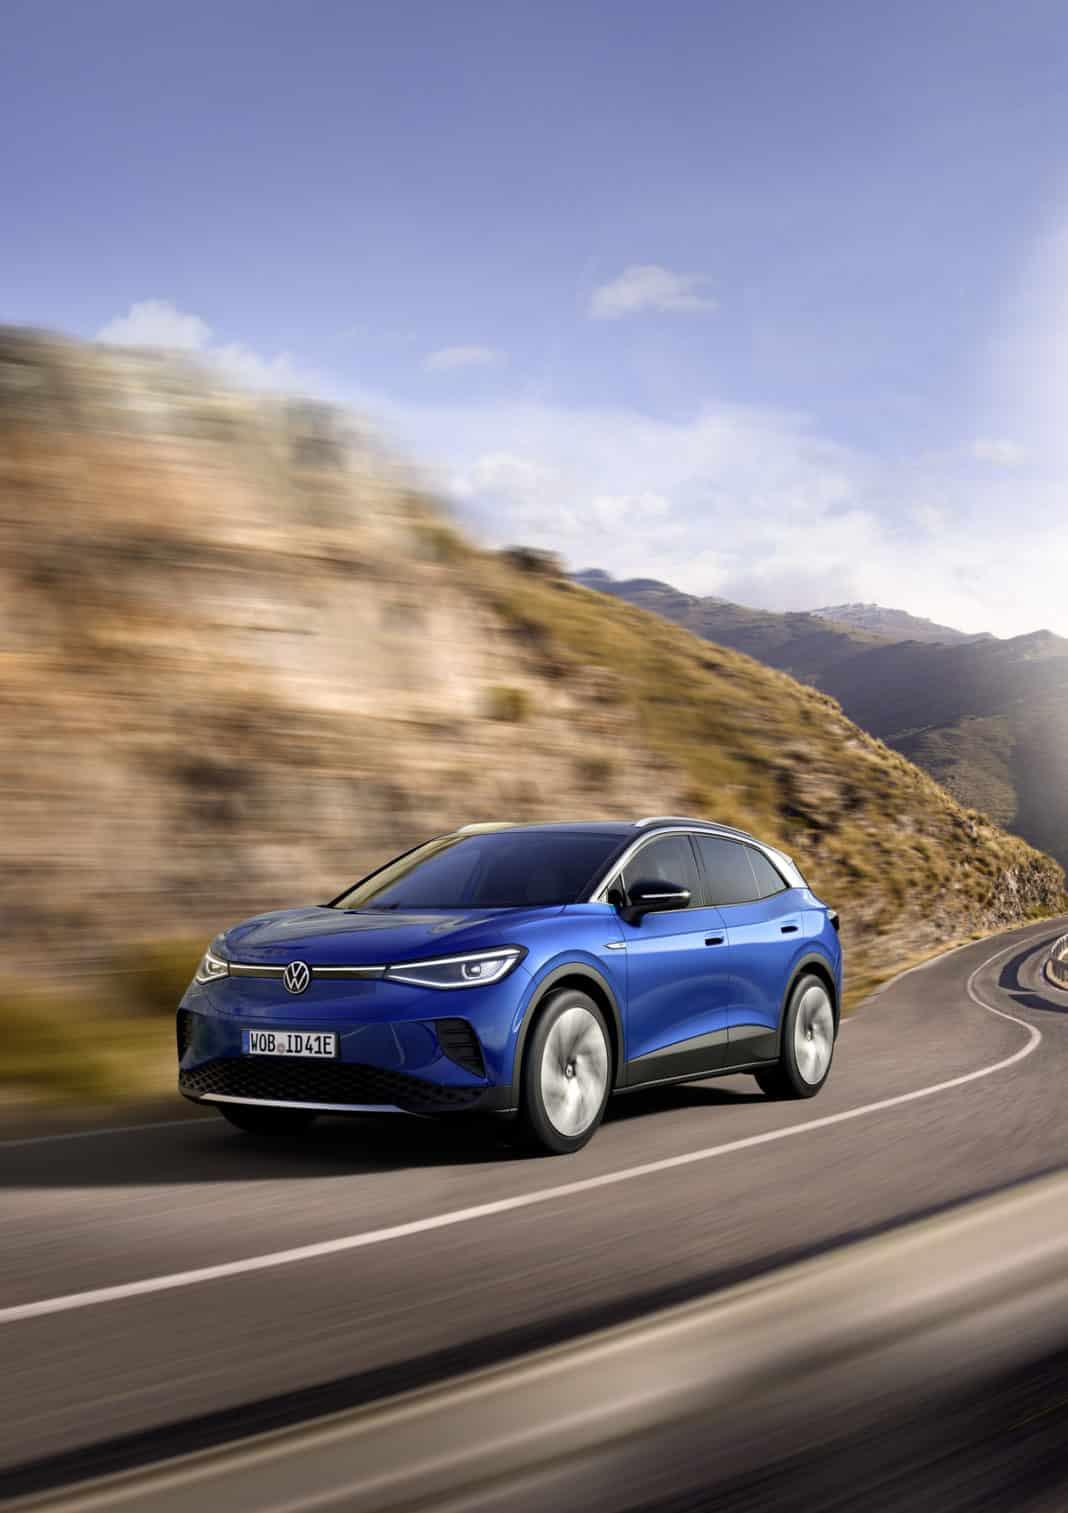 Volkswagen ID.4 elektrikli SUV yollara çıkmaya hazır sürücüsüz otomobil